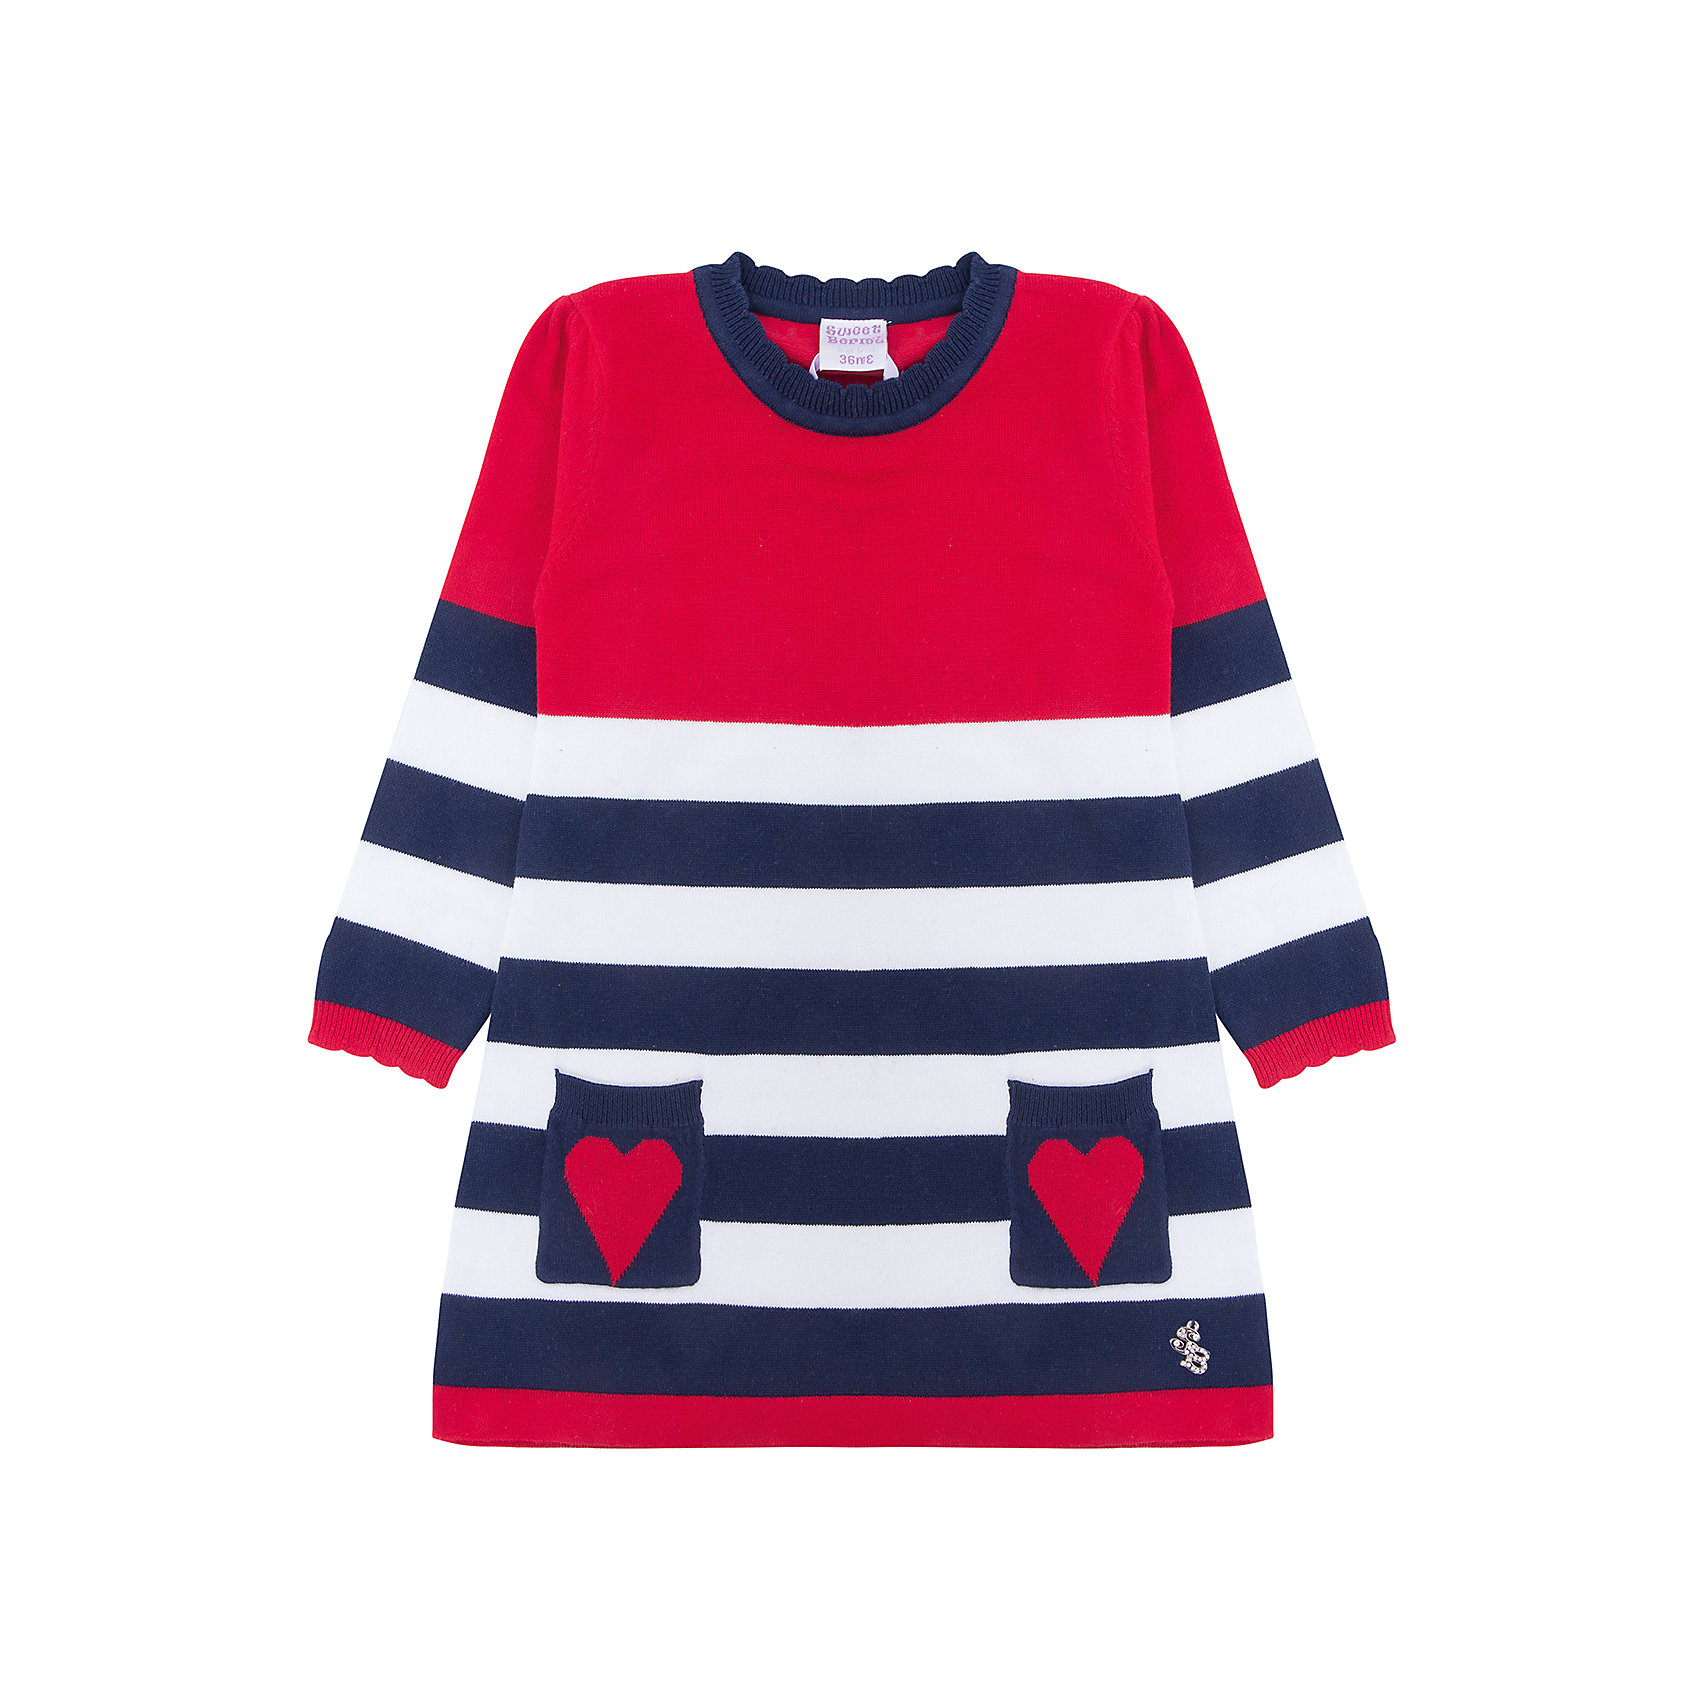 Платье Sweet Berry для девочкиПлатья<br>Платье Sweet Berry для девочки<br>Милое платье для девочки из вязанного трикотажа декорированное двумя накладными кармашками.<br>Состав:<br>70% хлопок, 30% нейлон<br><br>Ширина мм: 236<br>Глубина мм: 16<br>Высота мм: 184<br>Вес г: 177<br>Цвет: красный<br>Возраст от месяцев: 24<br>Возраст до месяцев: 36<br>Пол: Женский<br>Возраст: Детский<br>Размер: 98,80,86,92<br>SKU: 7095754